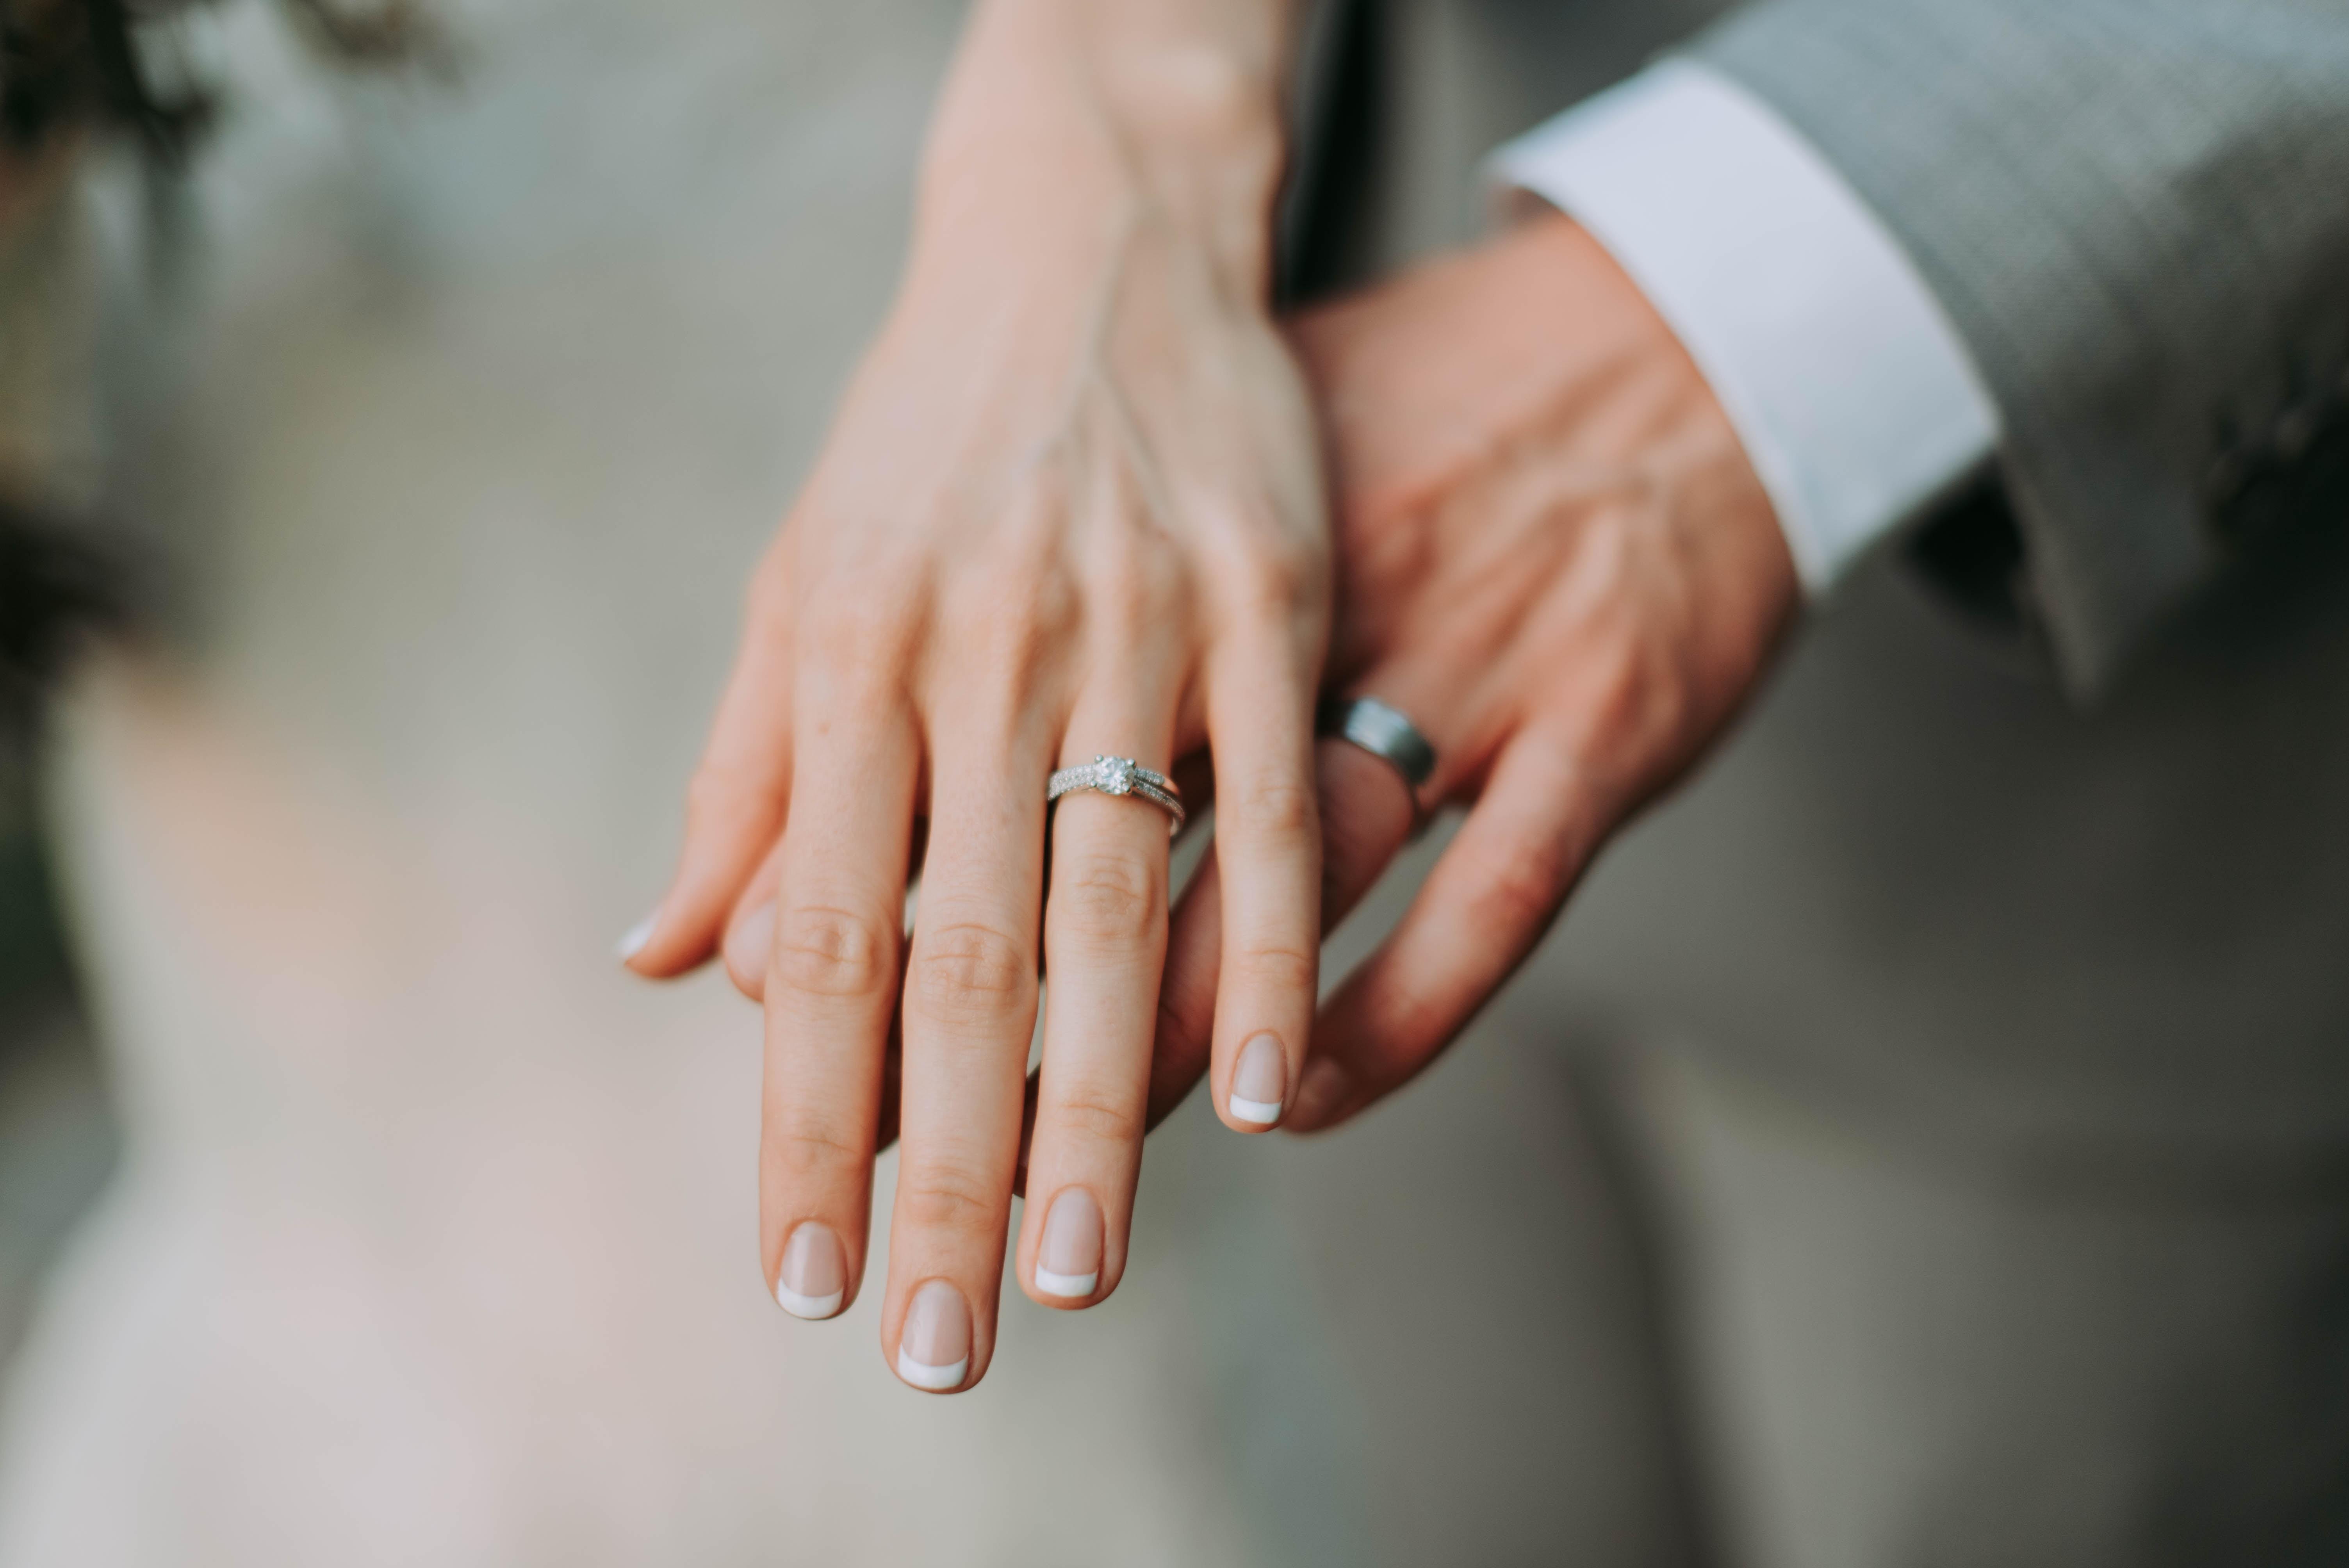 年収1000万円の男と結婚したい婚活女性の2つの大誤算